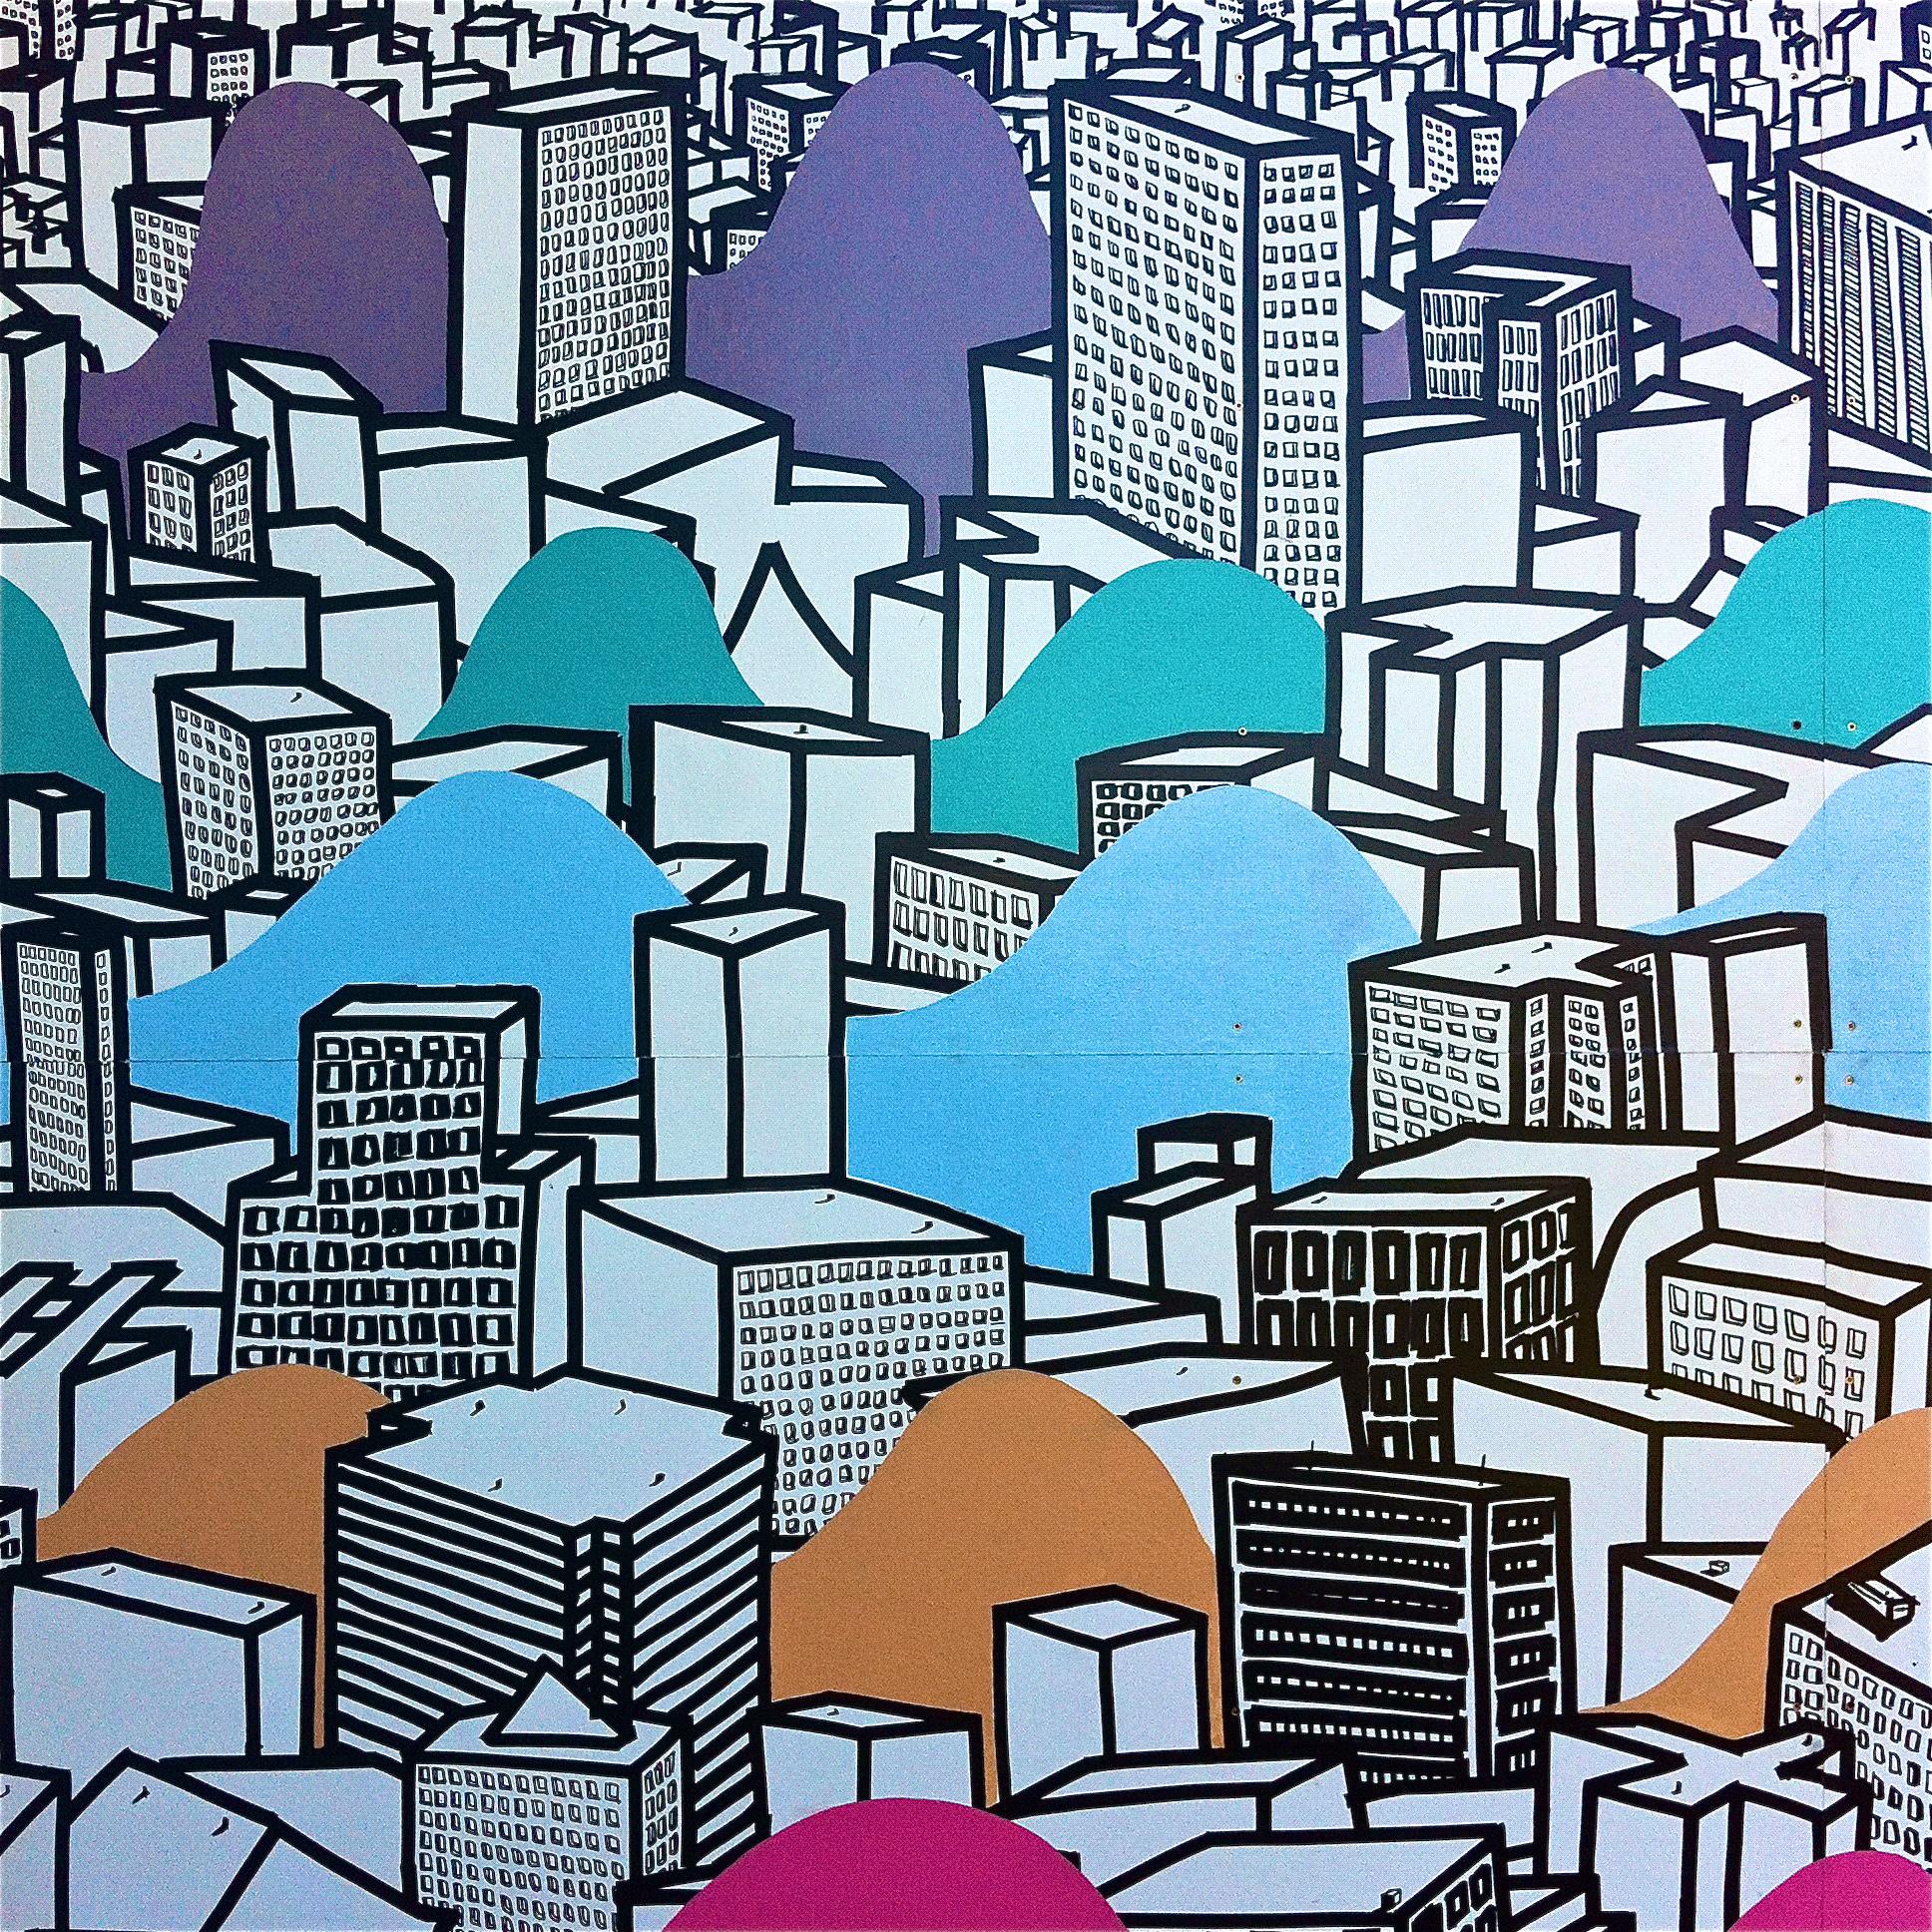 City on the Wall            Edmonton, Alberta